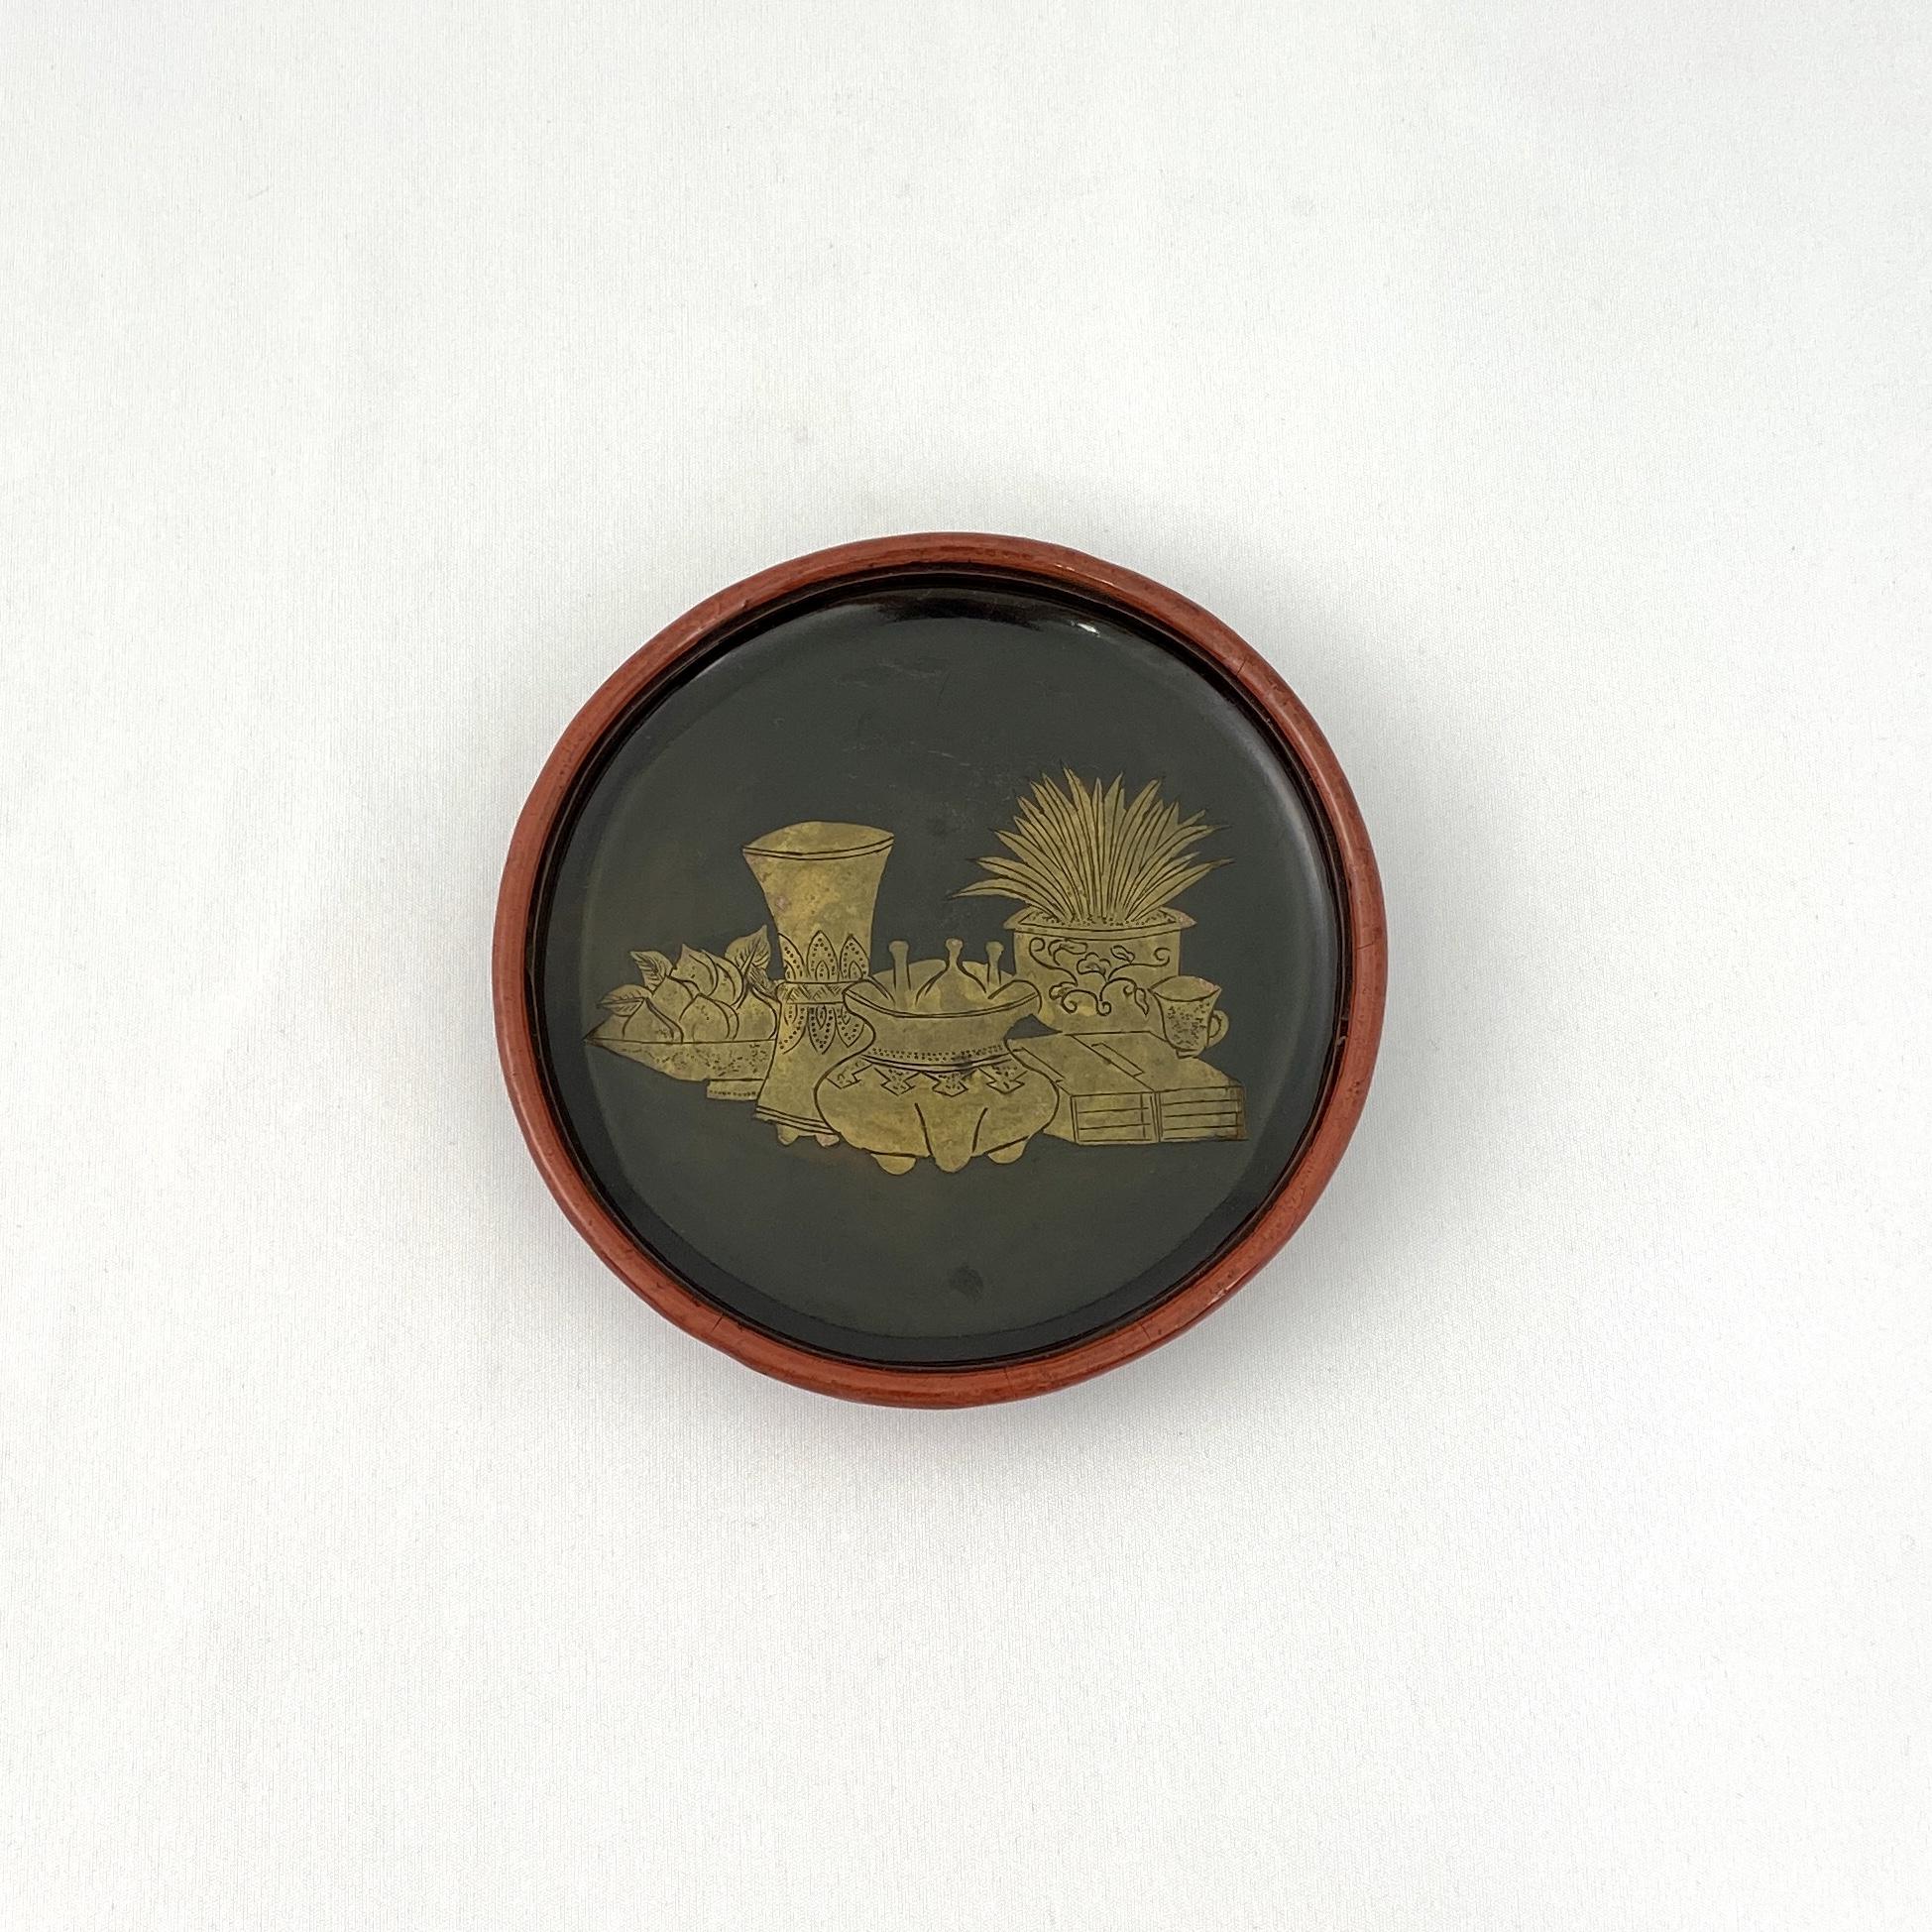 10217明 内黒漆外剔紅雕 花紋 盤